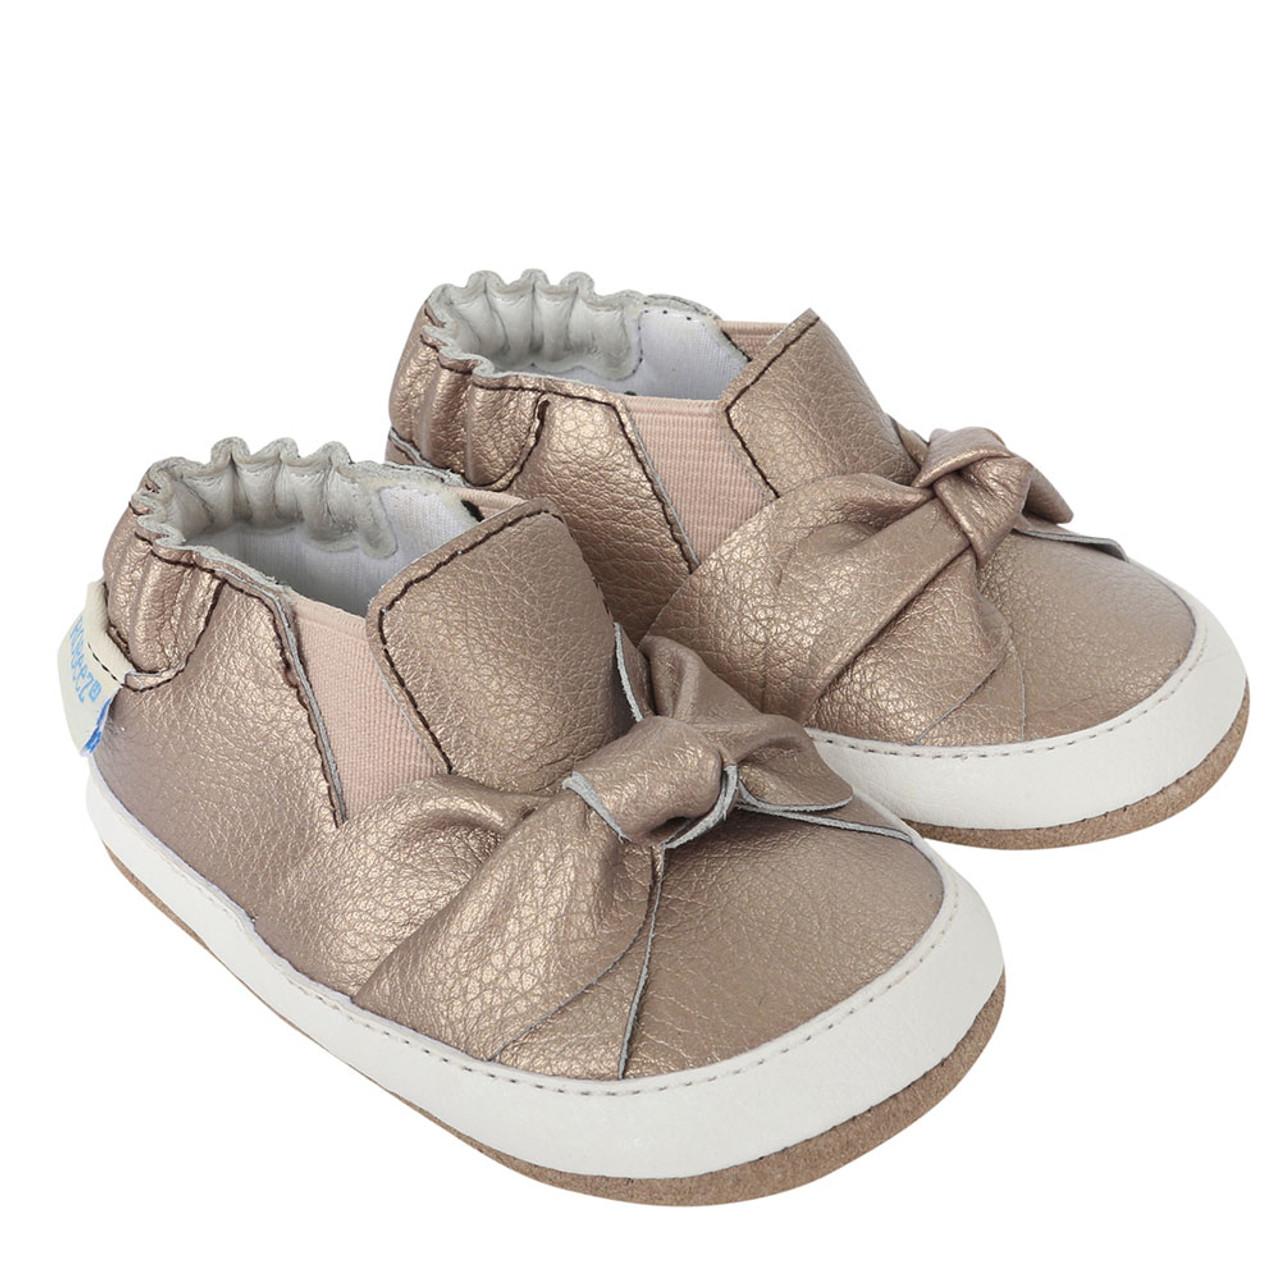 Bella's Bow   Mini Shoez   Baby Shoes